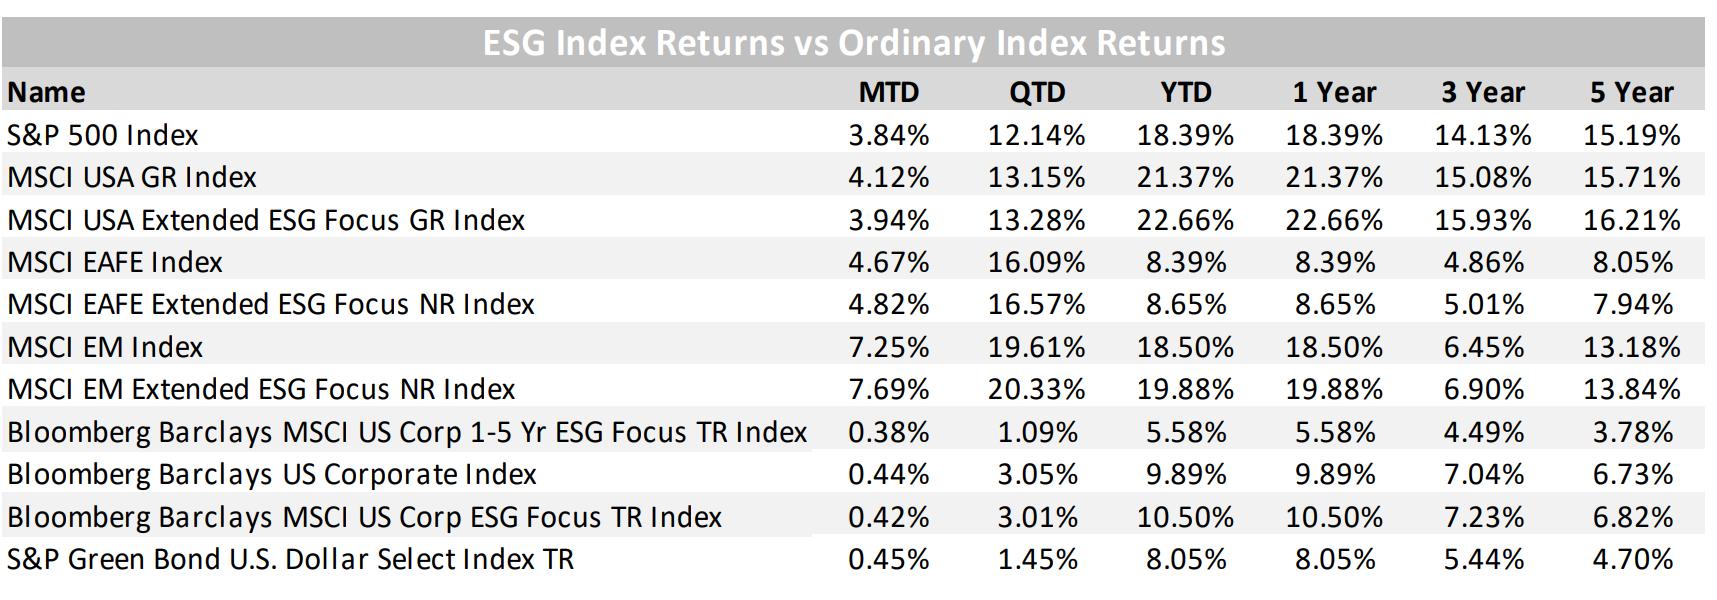 ESG Index vs Ordinary Index